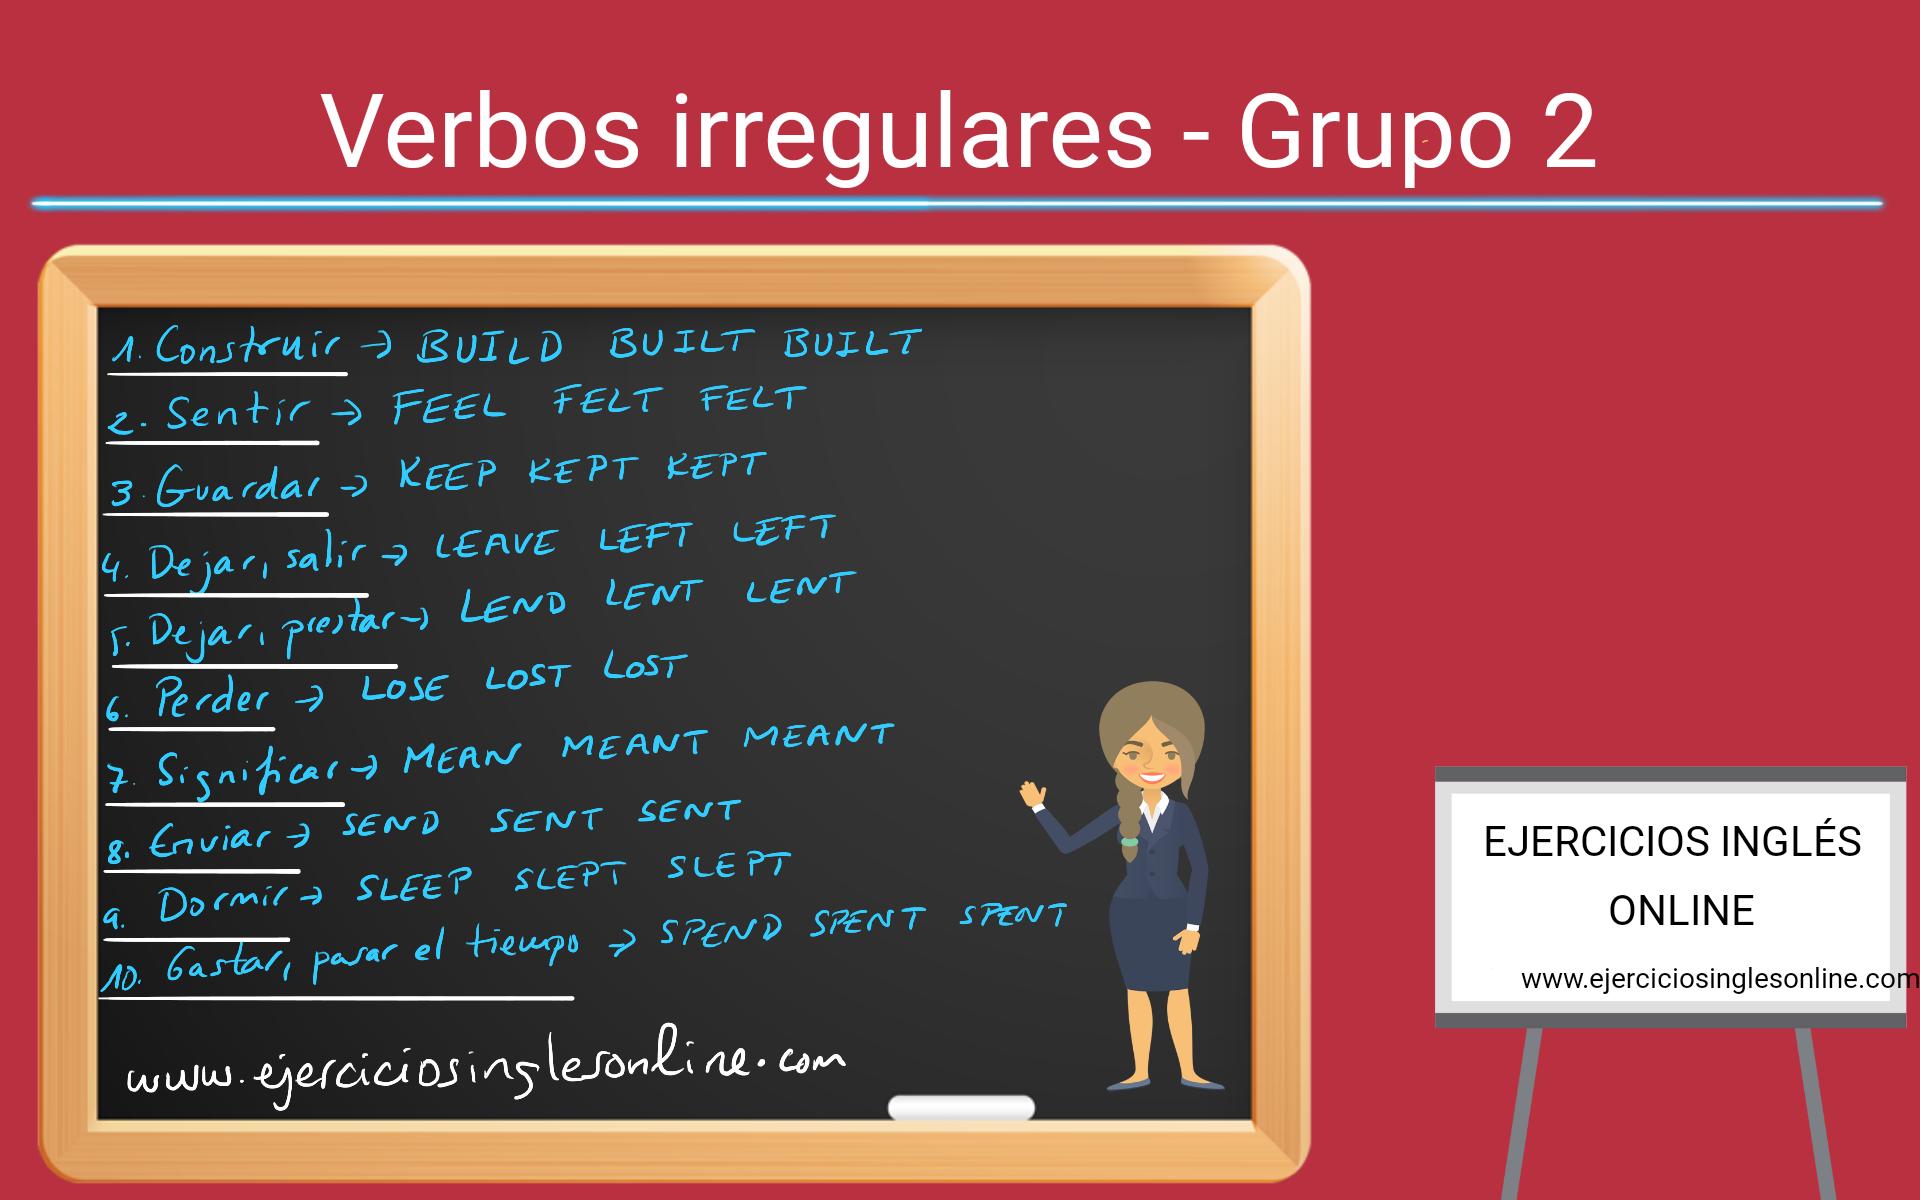 Verbos irregulares - Ejercicio 2